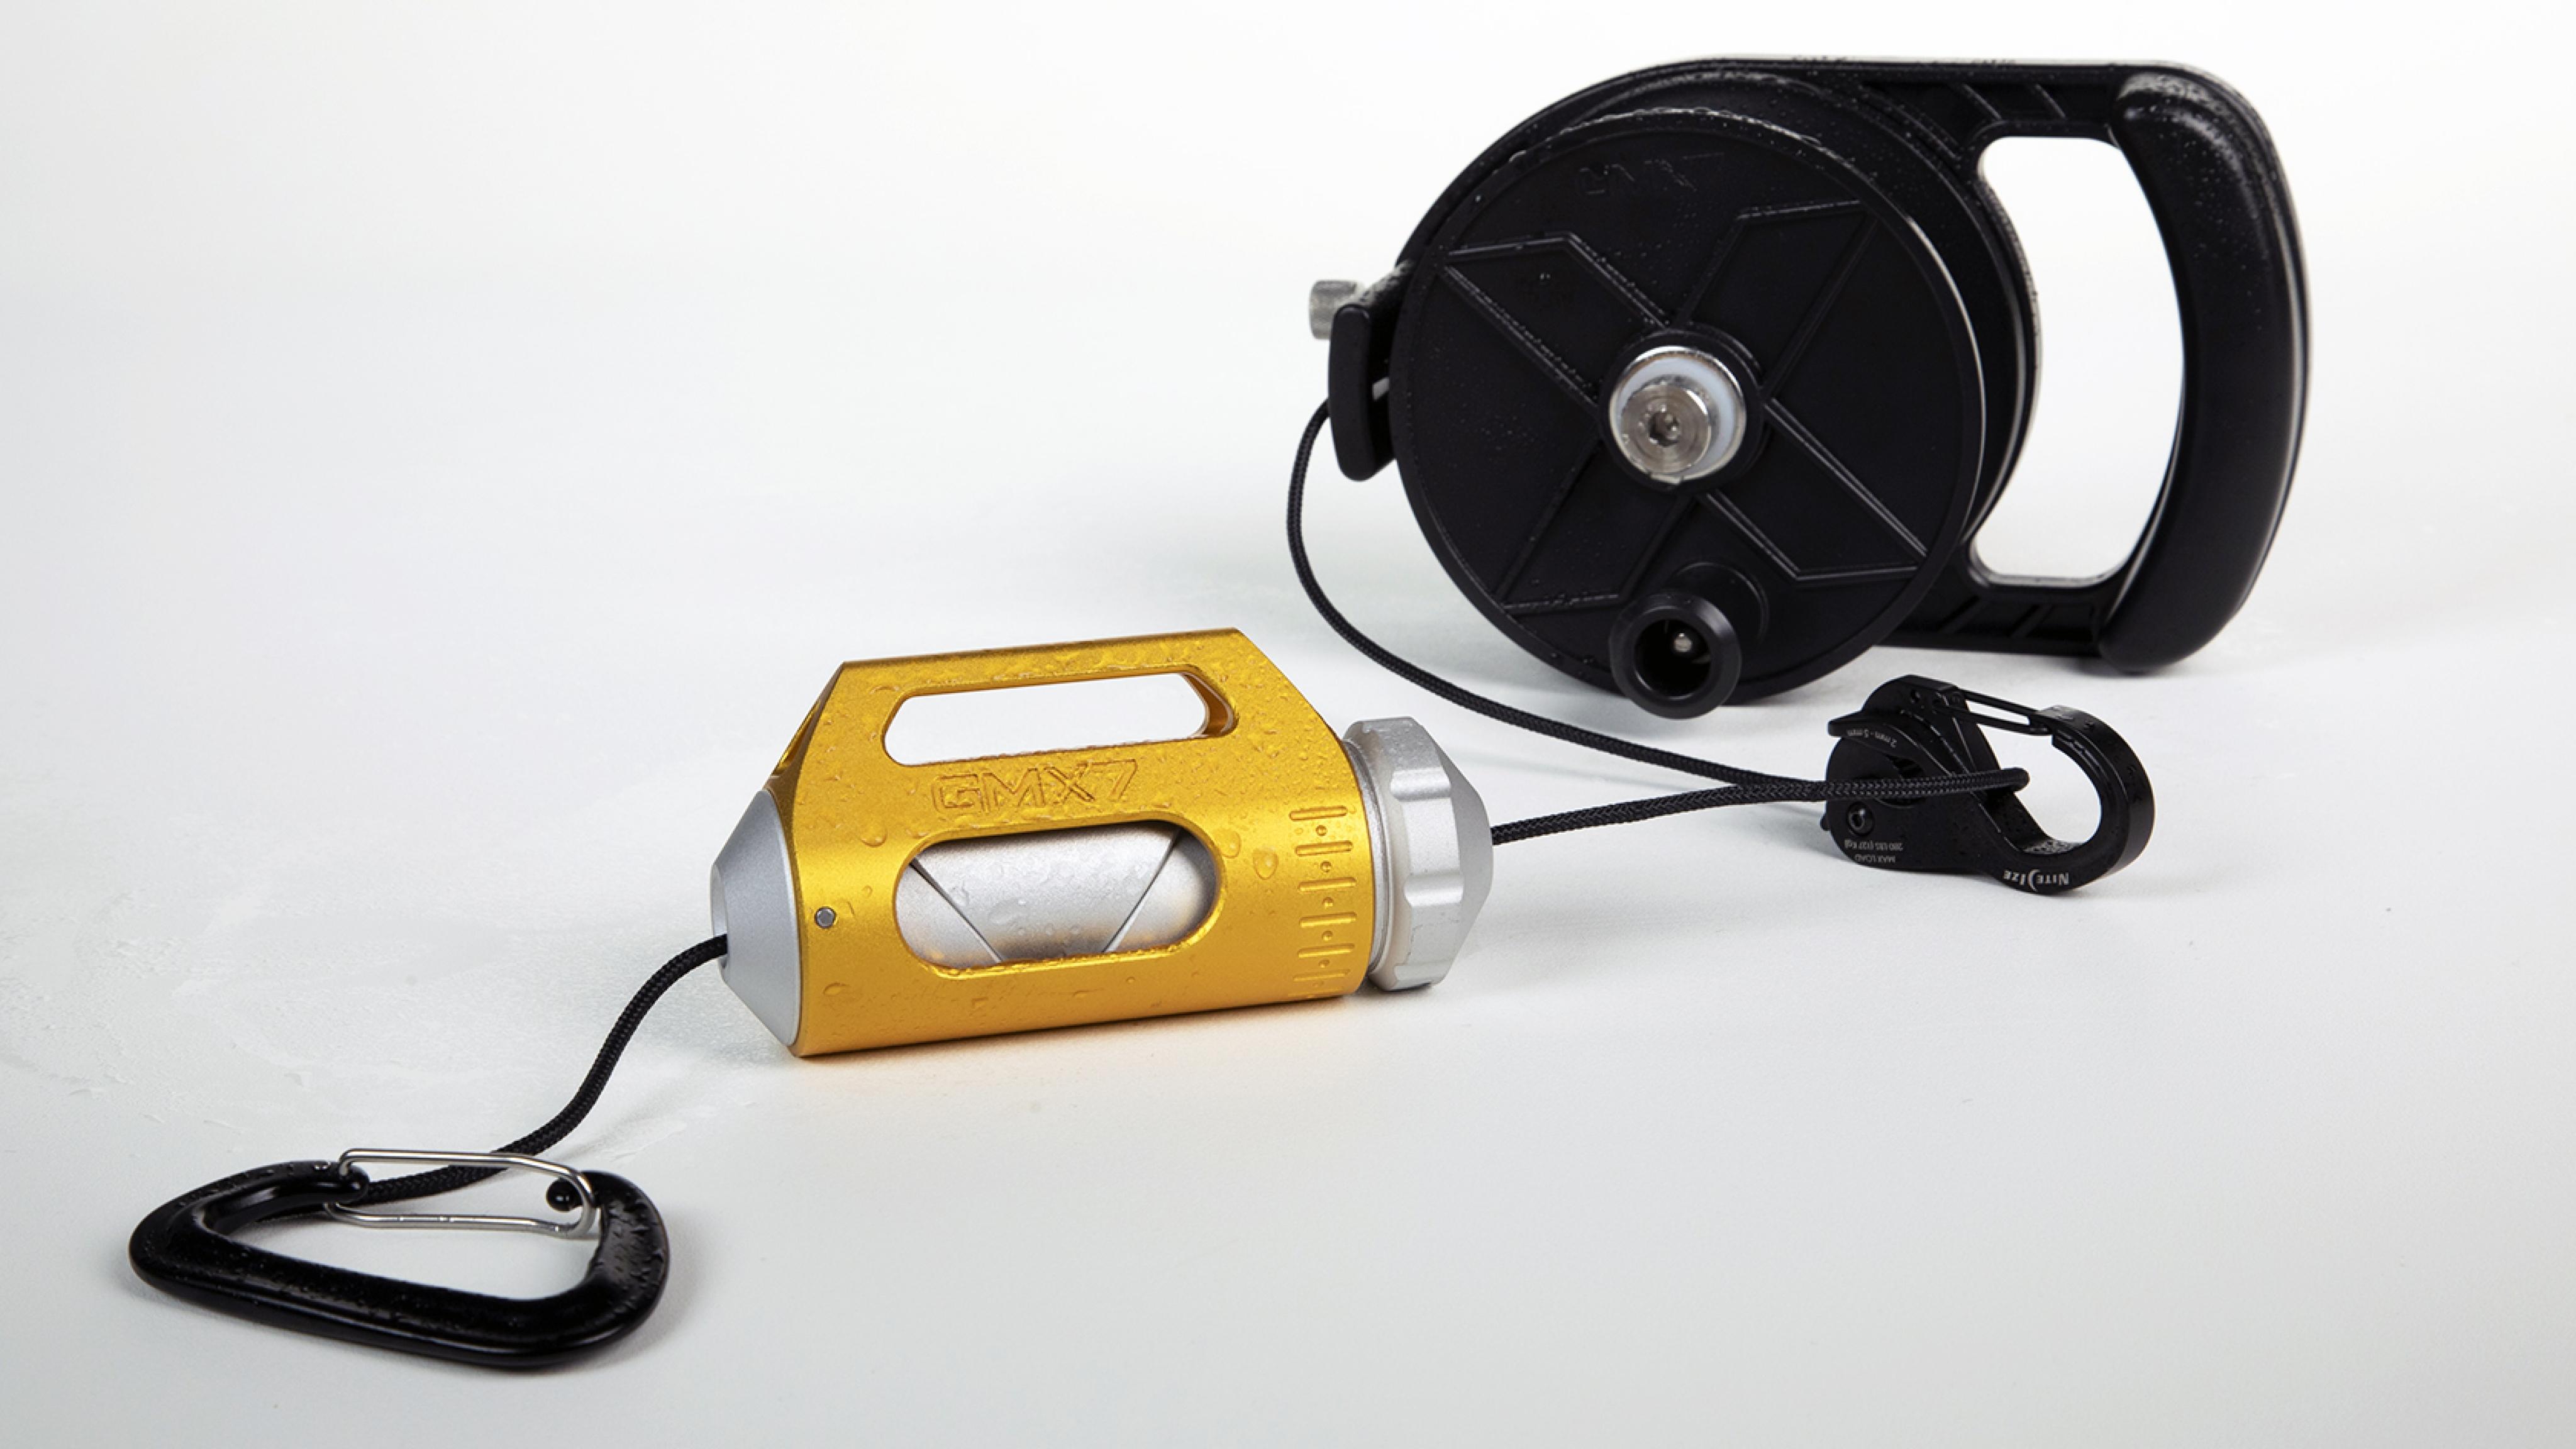 GMX7 X1-PRO Makes a Splash with 2020 Red Dot Award | ROBRADY design